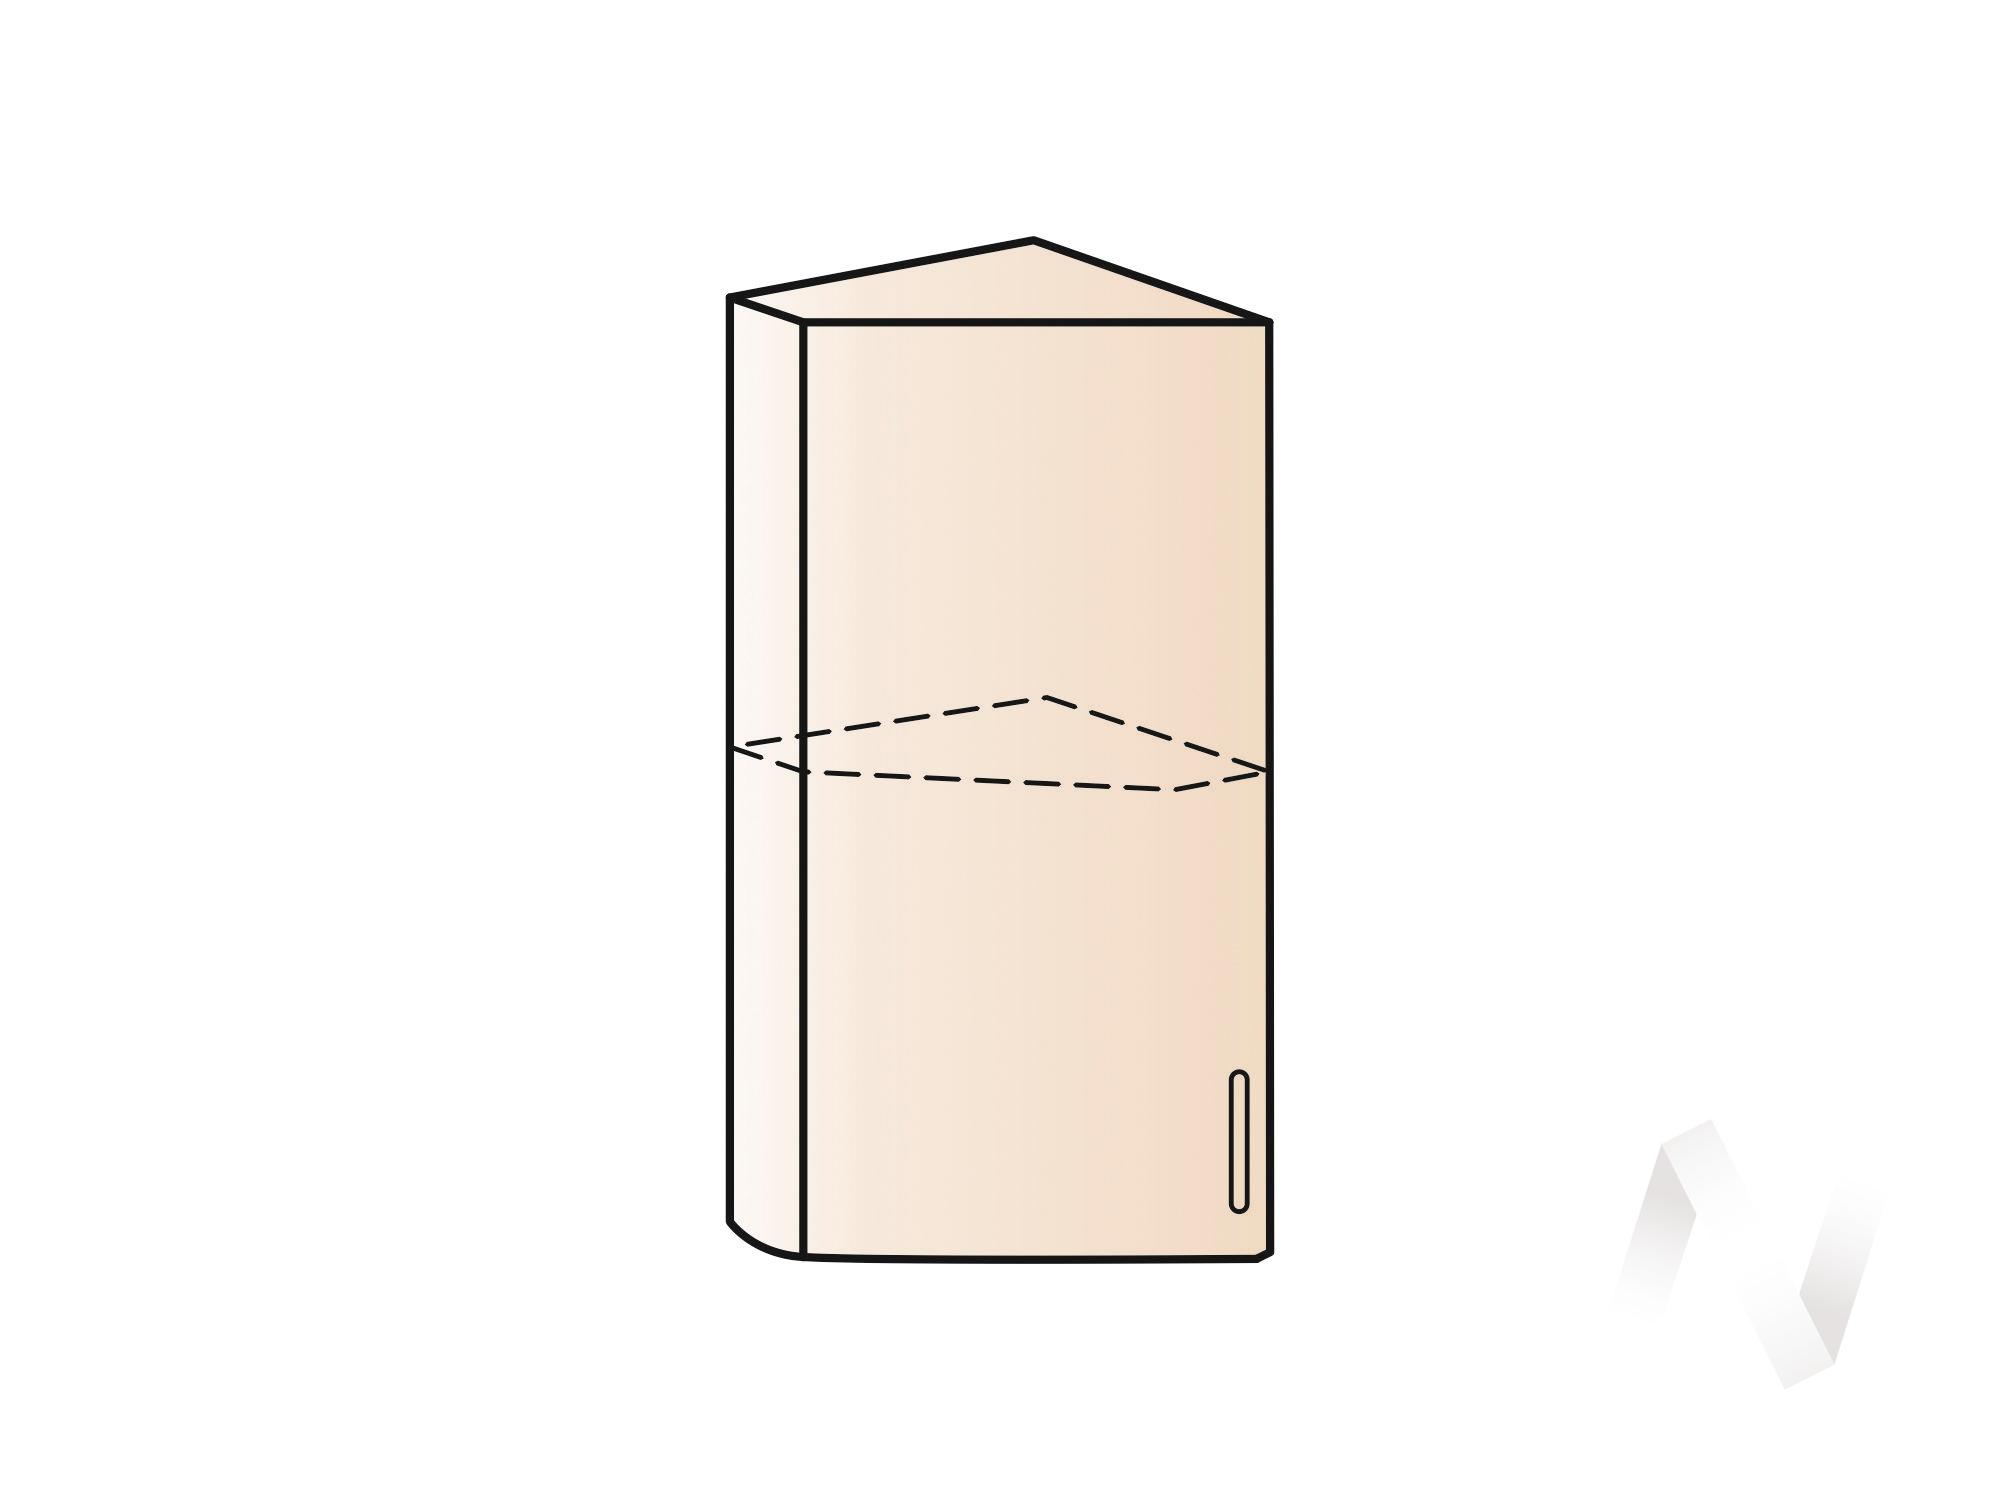 """Кухня """"Валерия-М"""": Шкаф верхний торцевой 224, ШВТ 224 (белый металлик/корпус белый) в Томске — авторская мебель Экостиль"""